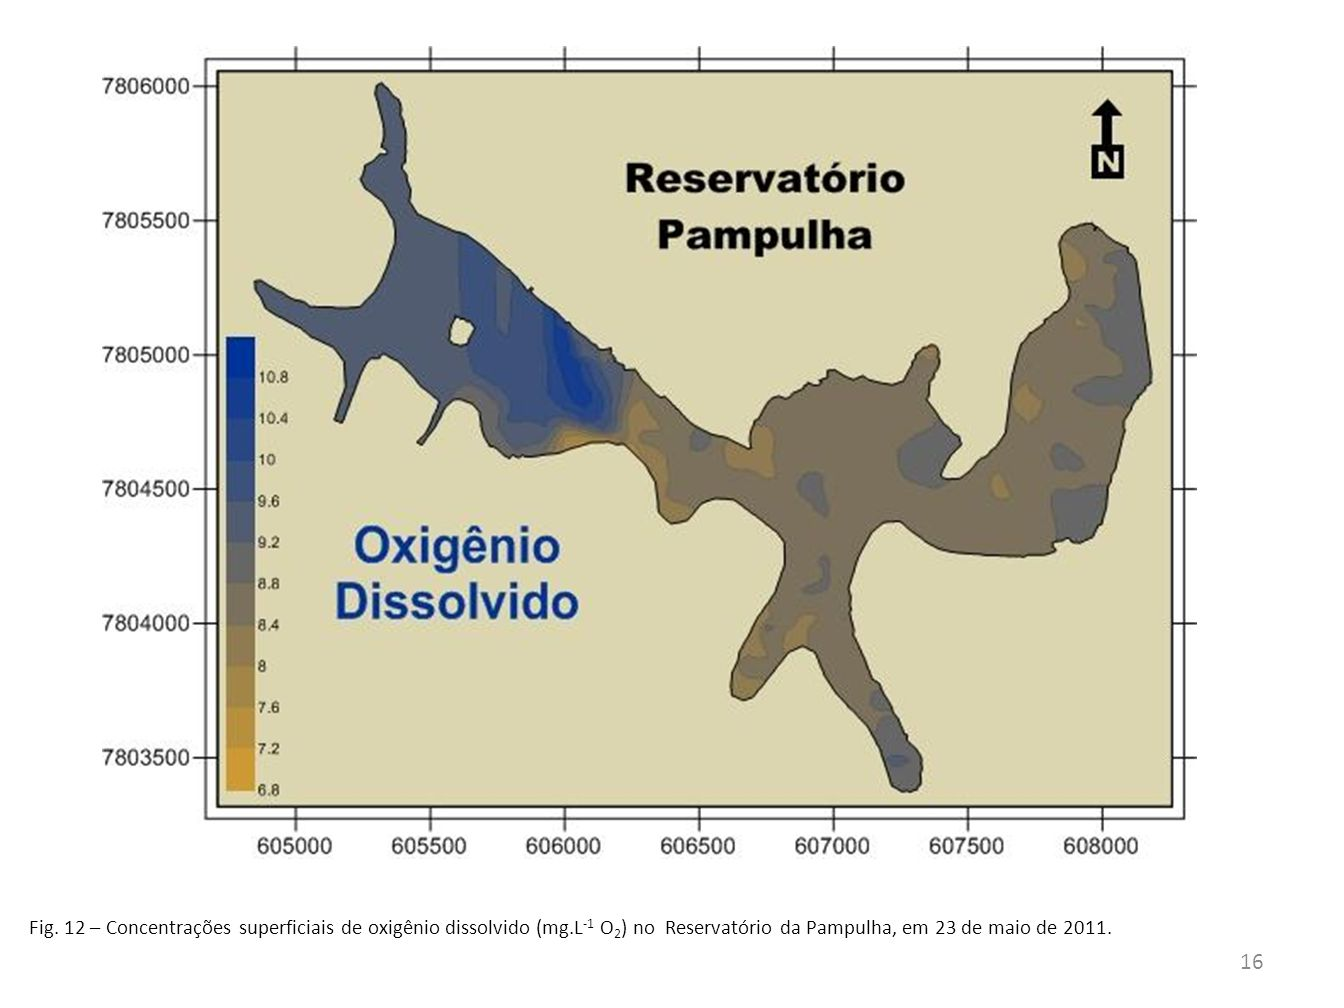 Fig. 12 – Concentrações superficiais de oxigênio dissolvido (mg.L -1 O 2 ) no Reservatório da Pampulha, em 23 de maio de 2011. 16